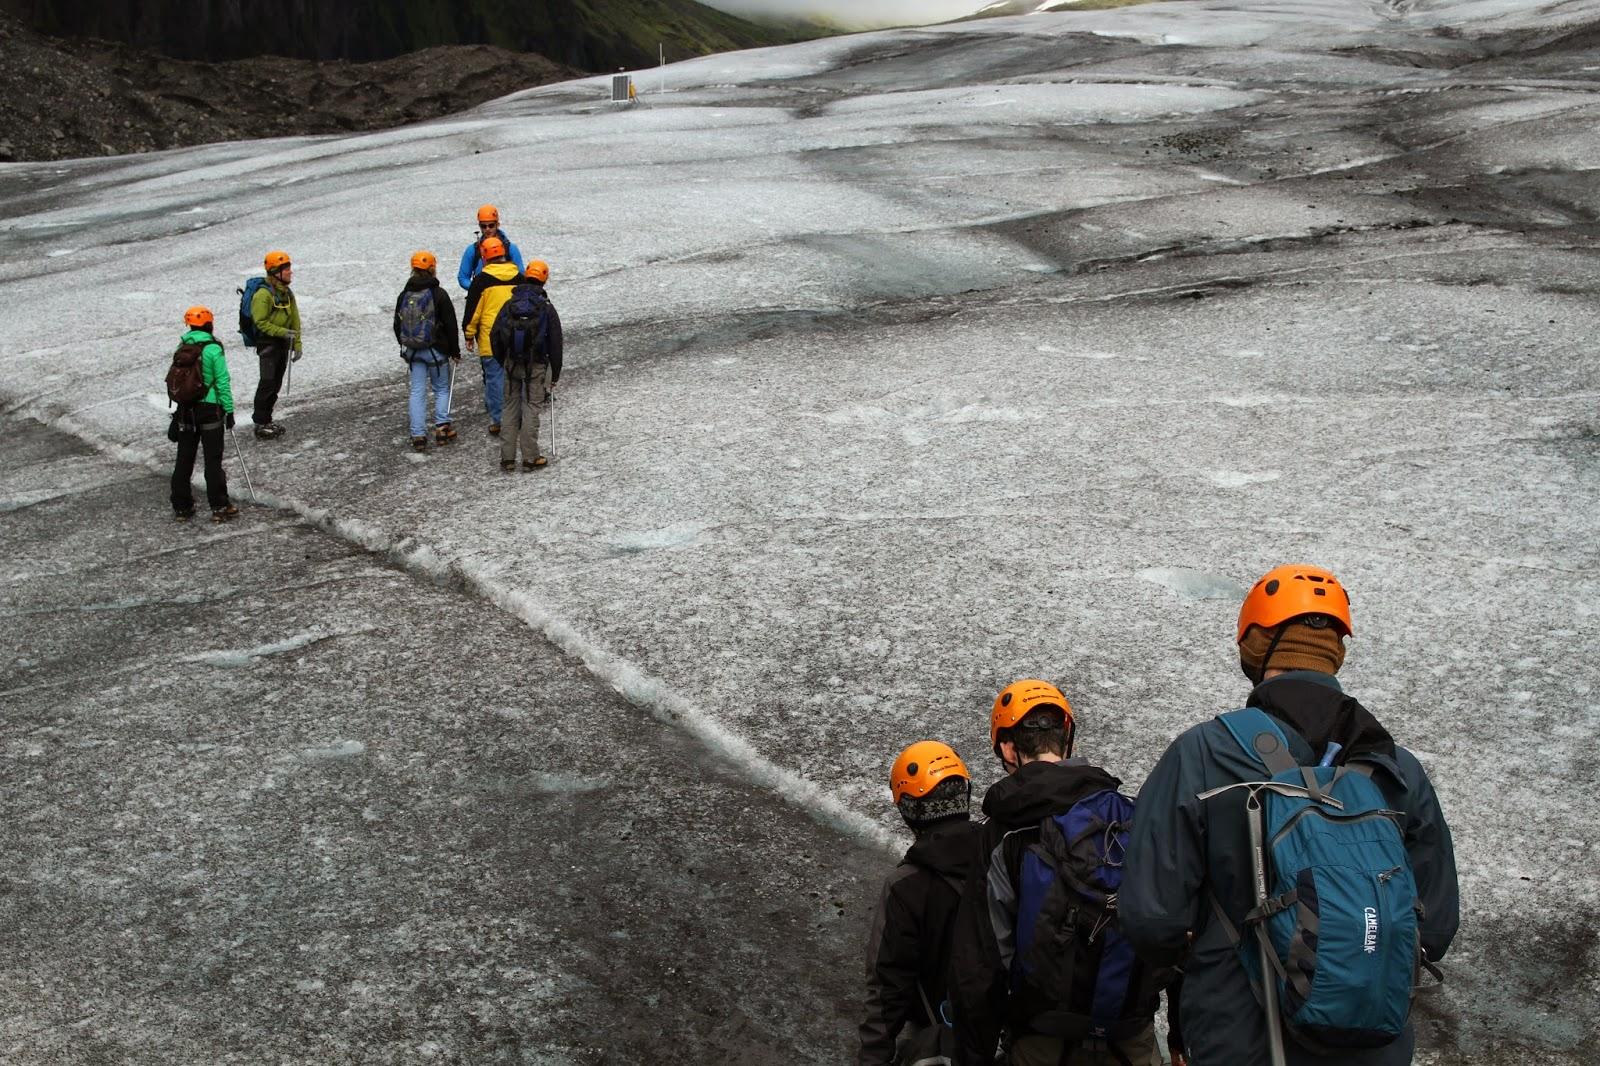 ESCALADA NO GELO EM VATNAJOKULL, uma experiência inesquecível no Vatnajokull com os Glacier Guides | Islândia